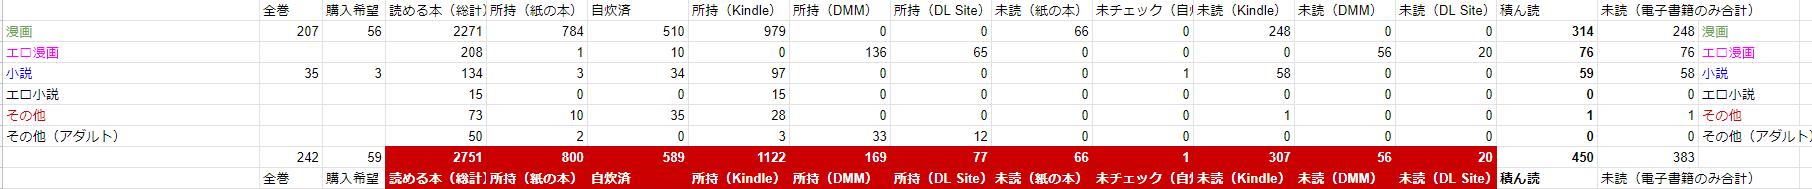 tsumihon-2021-8-2.png